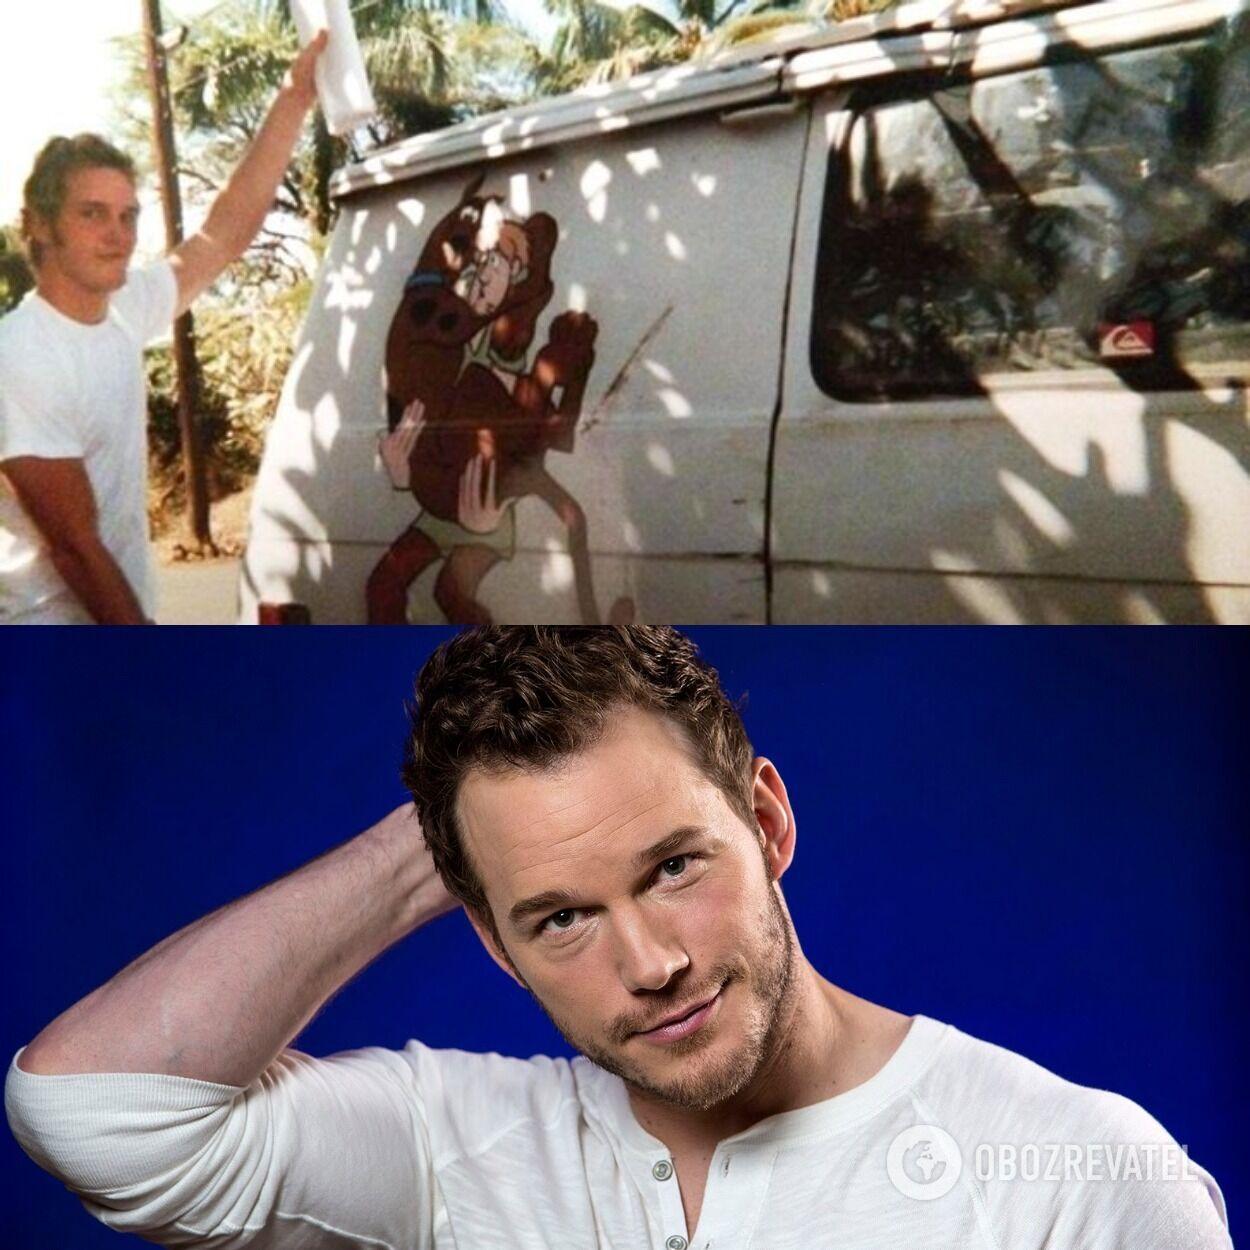 Автофургон, в котором жил Крис Пратт до того, как стал знаменитым, и как выглядит актер сейчас